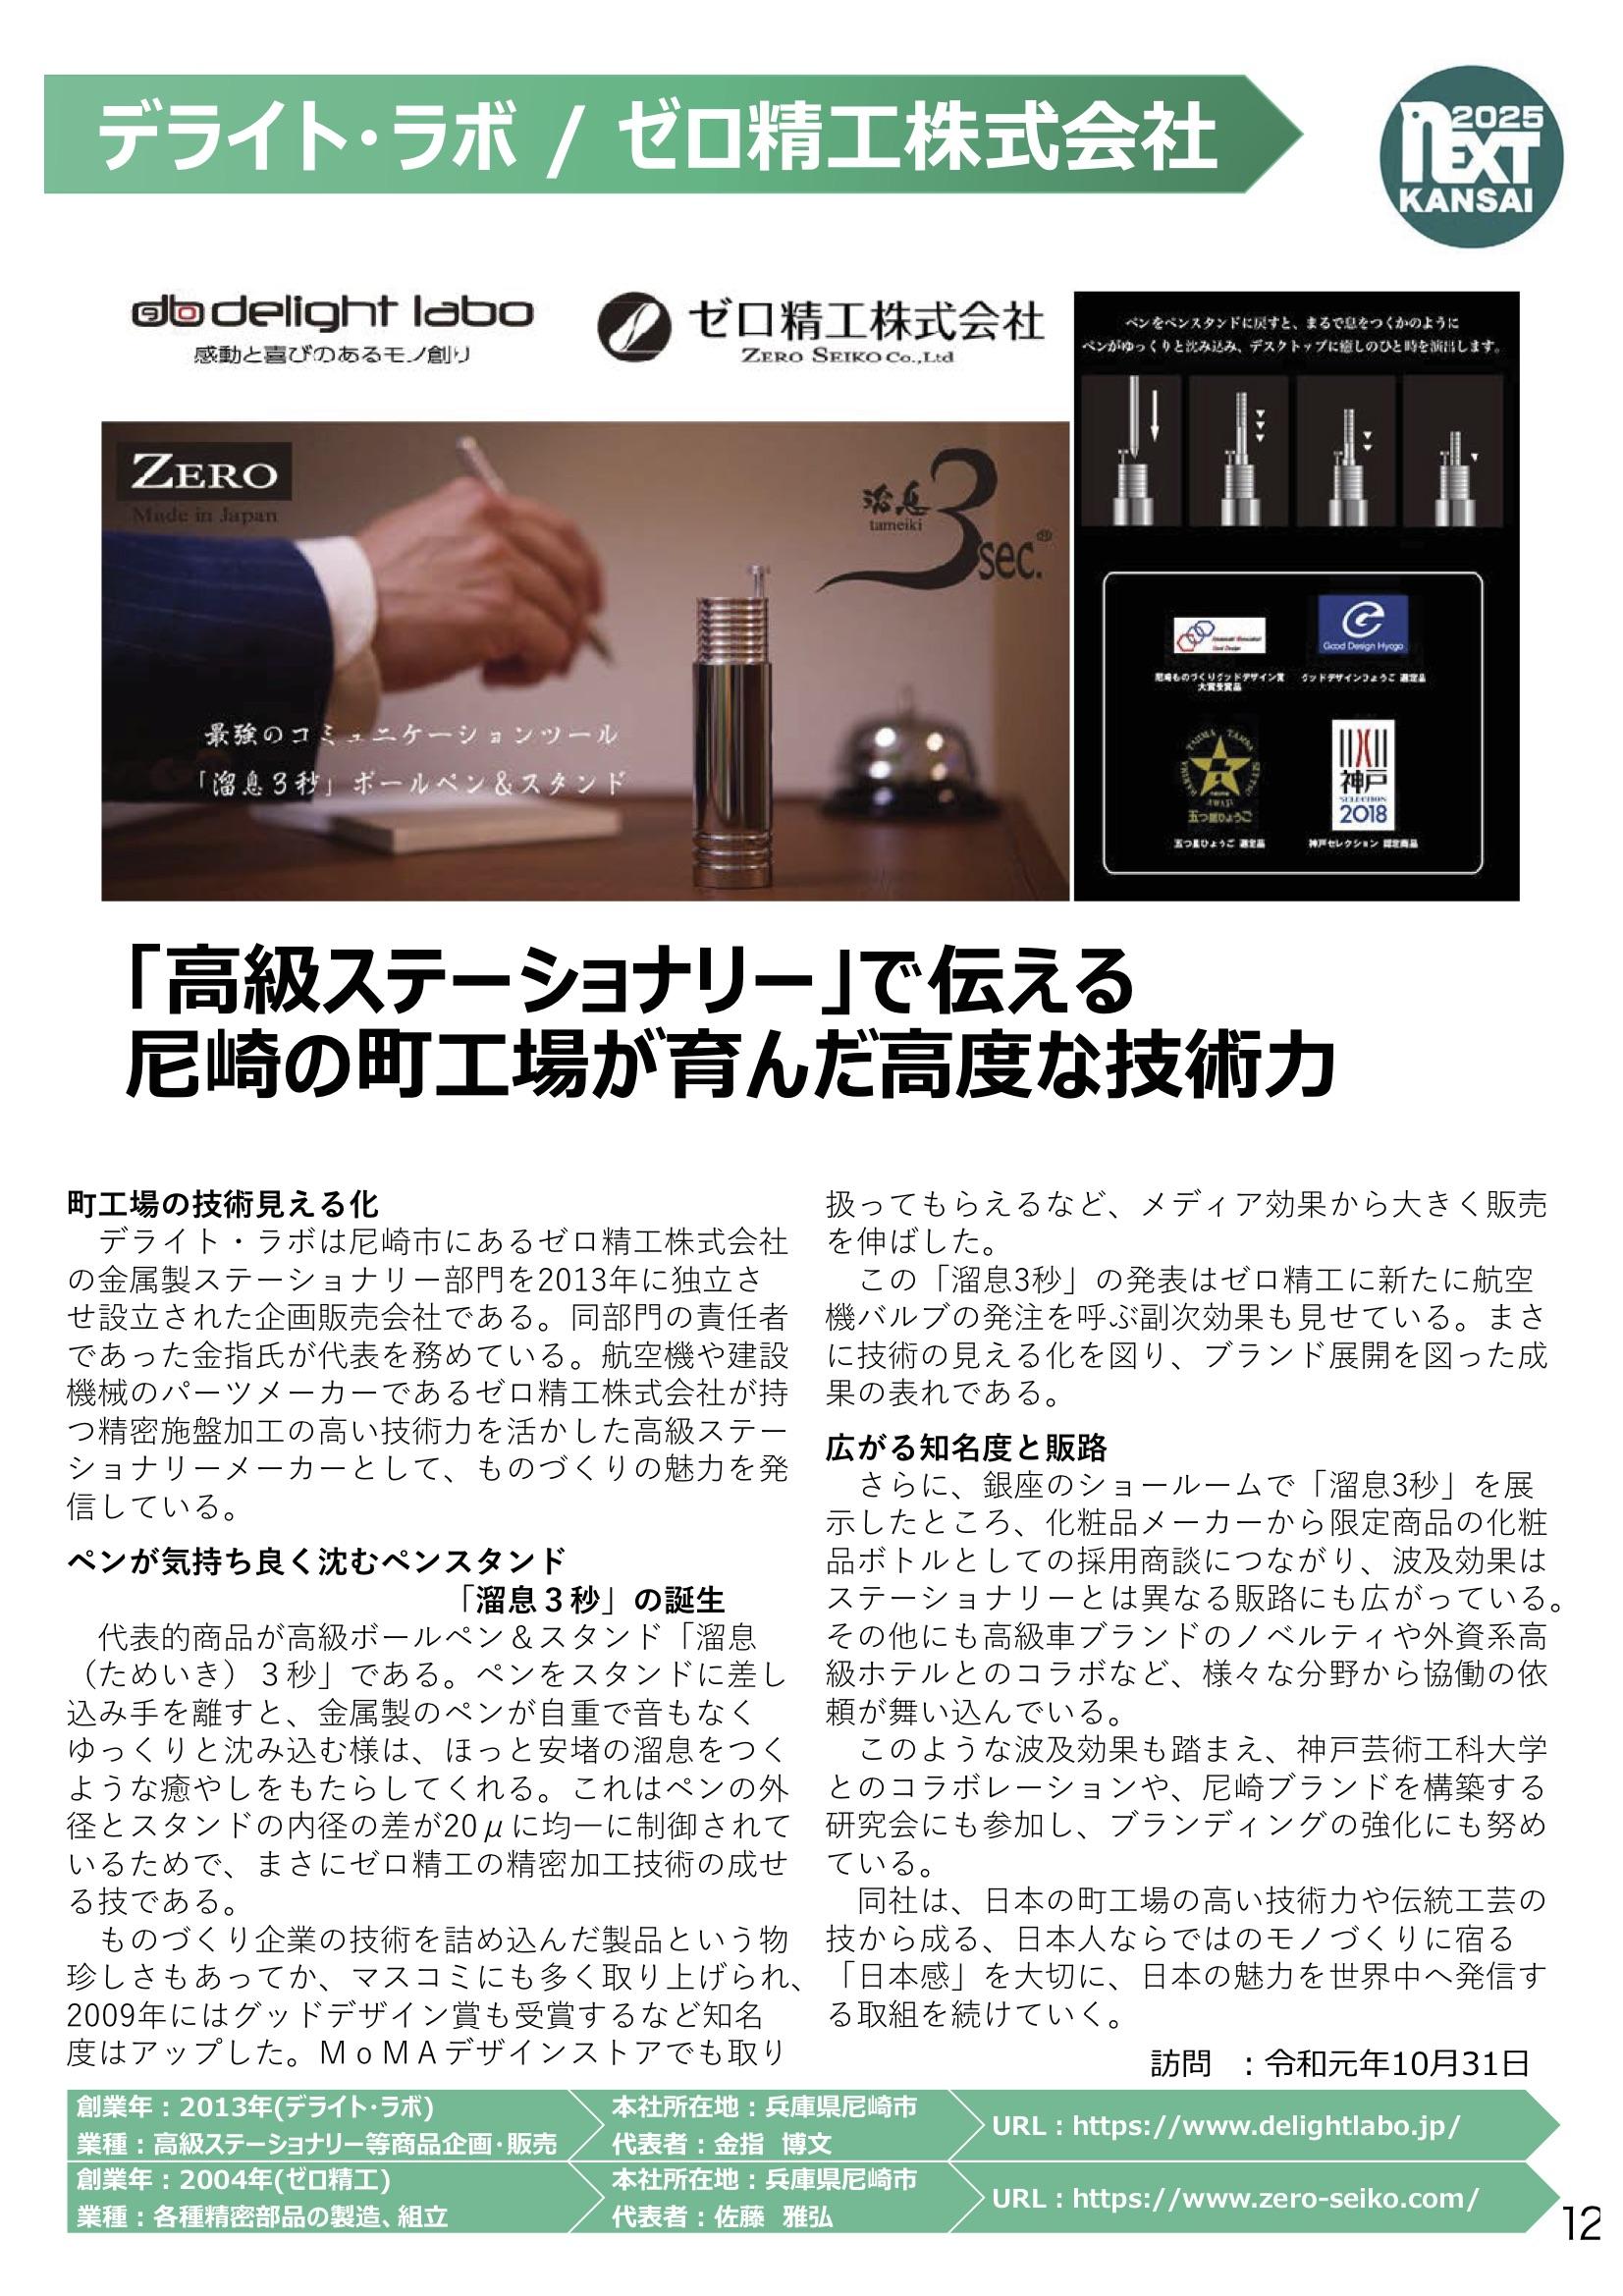 関西おもしろ企業事例集~企業訪問から見える新たな兆:KIZASHI~ Vol.7 尖る中小企業のブランディング編